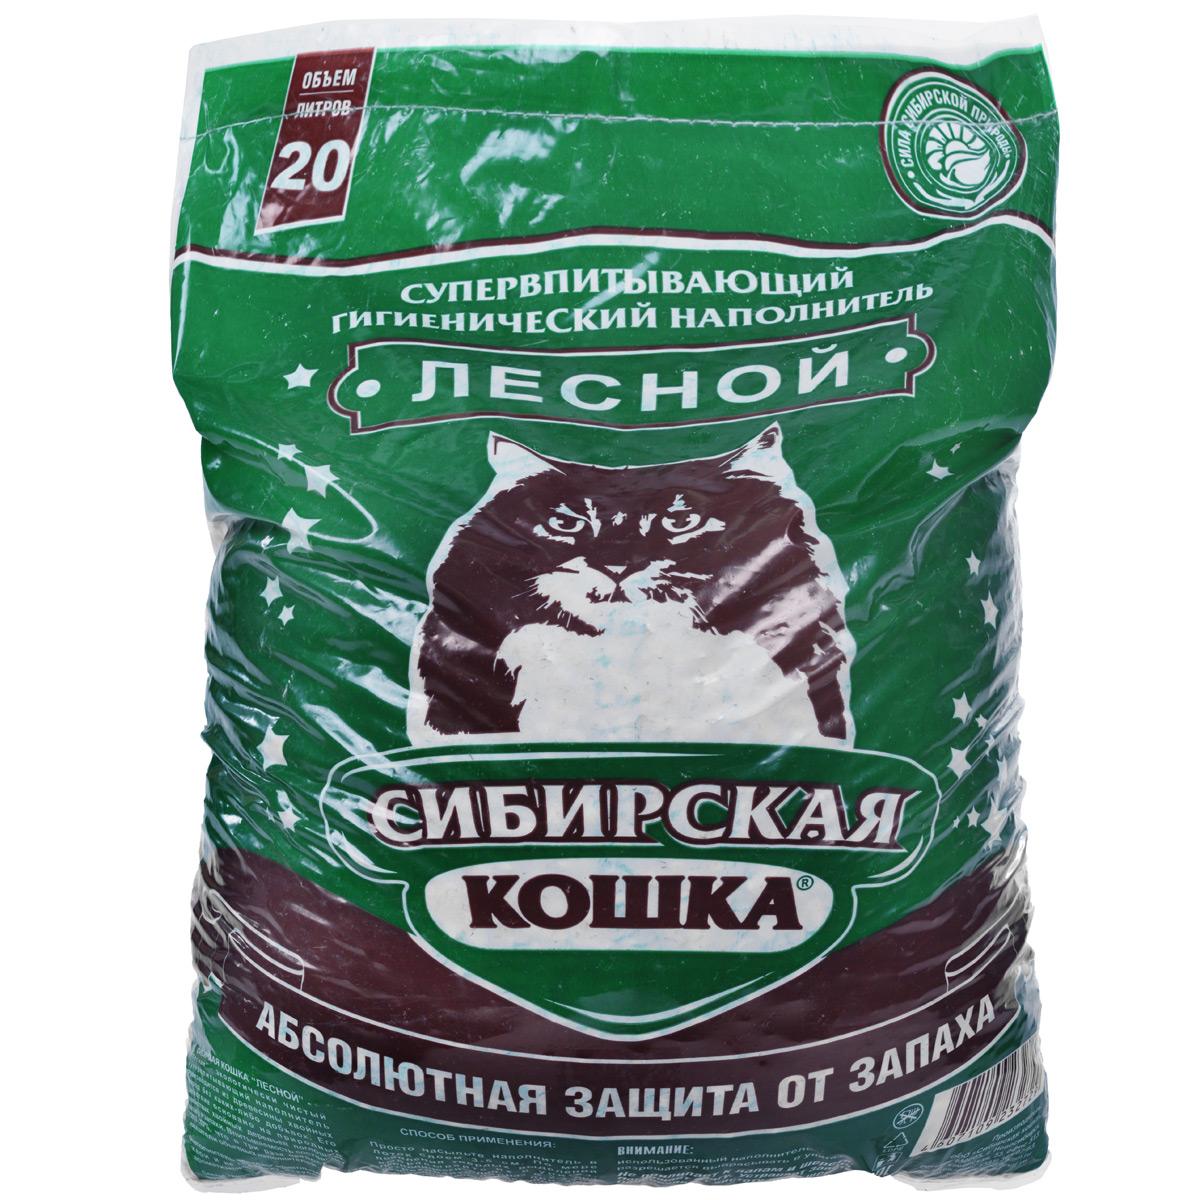 Наполнитель для кошачьих туалетов Сибирская Кошка Лесной, древесный, 20 л2729Экологически чистый супервпитывающий наполнитель для кошачьих туалетов Сибирская Кошка Лесной производится из древесины хвойных пород в отсутствии каких-либо присадок. Его действие базируется на естественных свойствах составляет 260-320%, что в 3 раза превосходит характеристики обычных наполнителей. Дезинфицирующие качества наполнителя содействуют уничтожению болезнетворных микробов. Обладает природным естественным запахом хвои. Наполнитель возможно использовать также как подстилку в клетках для кроликов, морских свинок, крыс и хомяков. Состав: древесина хвойных пород. Размер гранулы: 10 мм. Объем: 20 л. Товар сертифицирован.